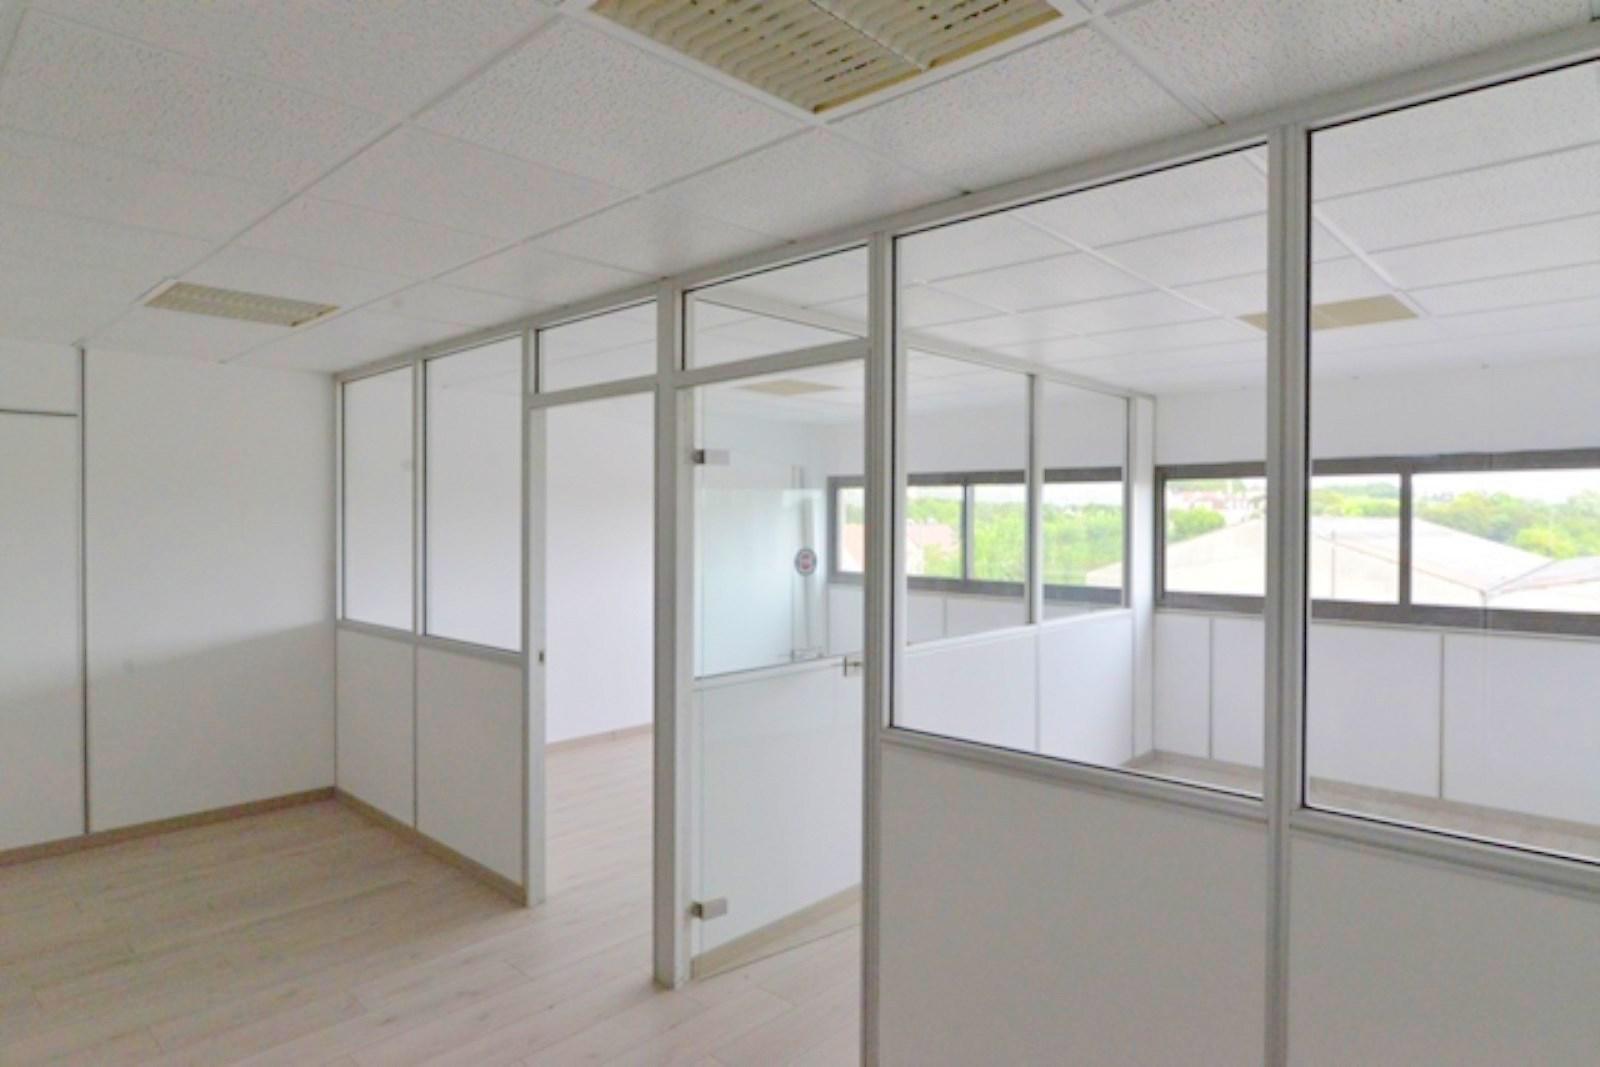 Quai Maurice Berteaux 78230 Le Pecq location bureau maisons-laffitte 78600 313m² – bureauxlocaux